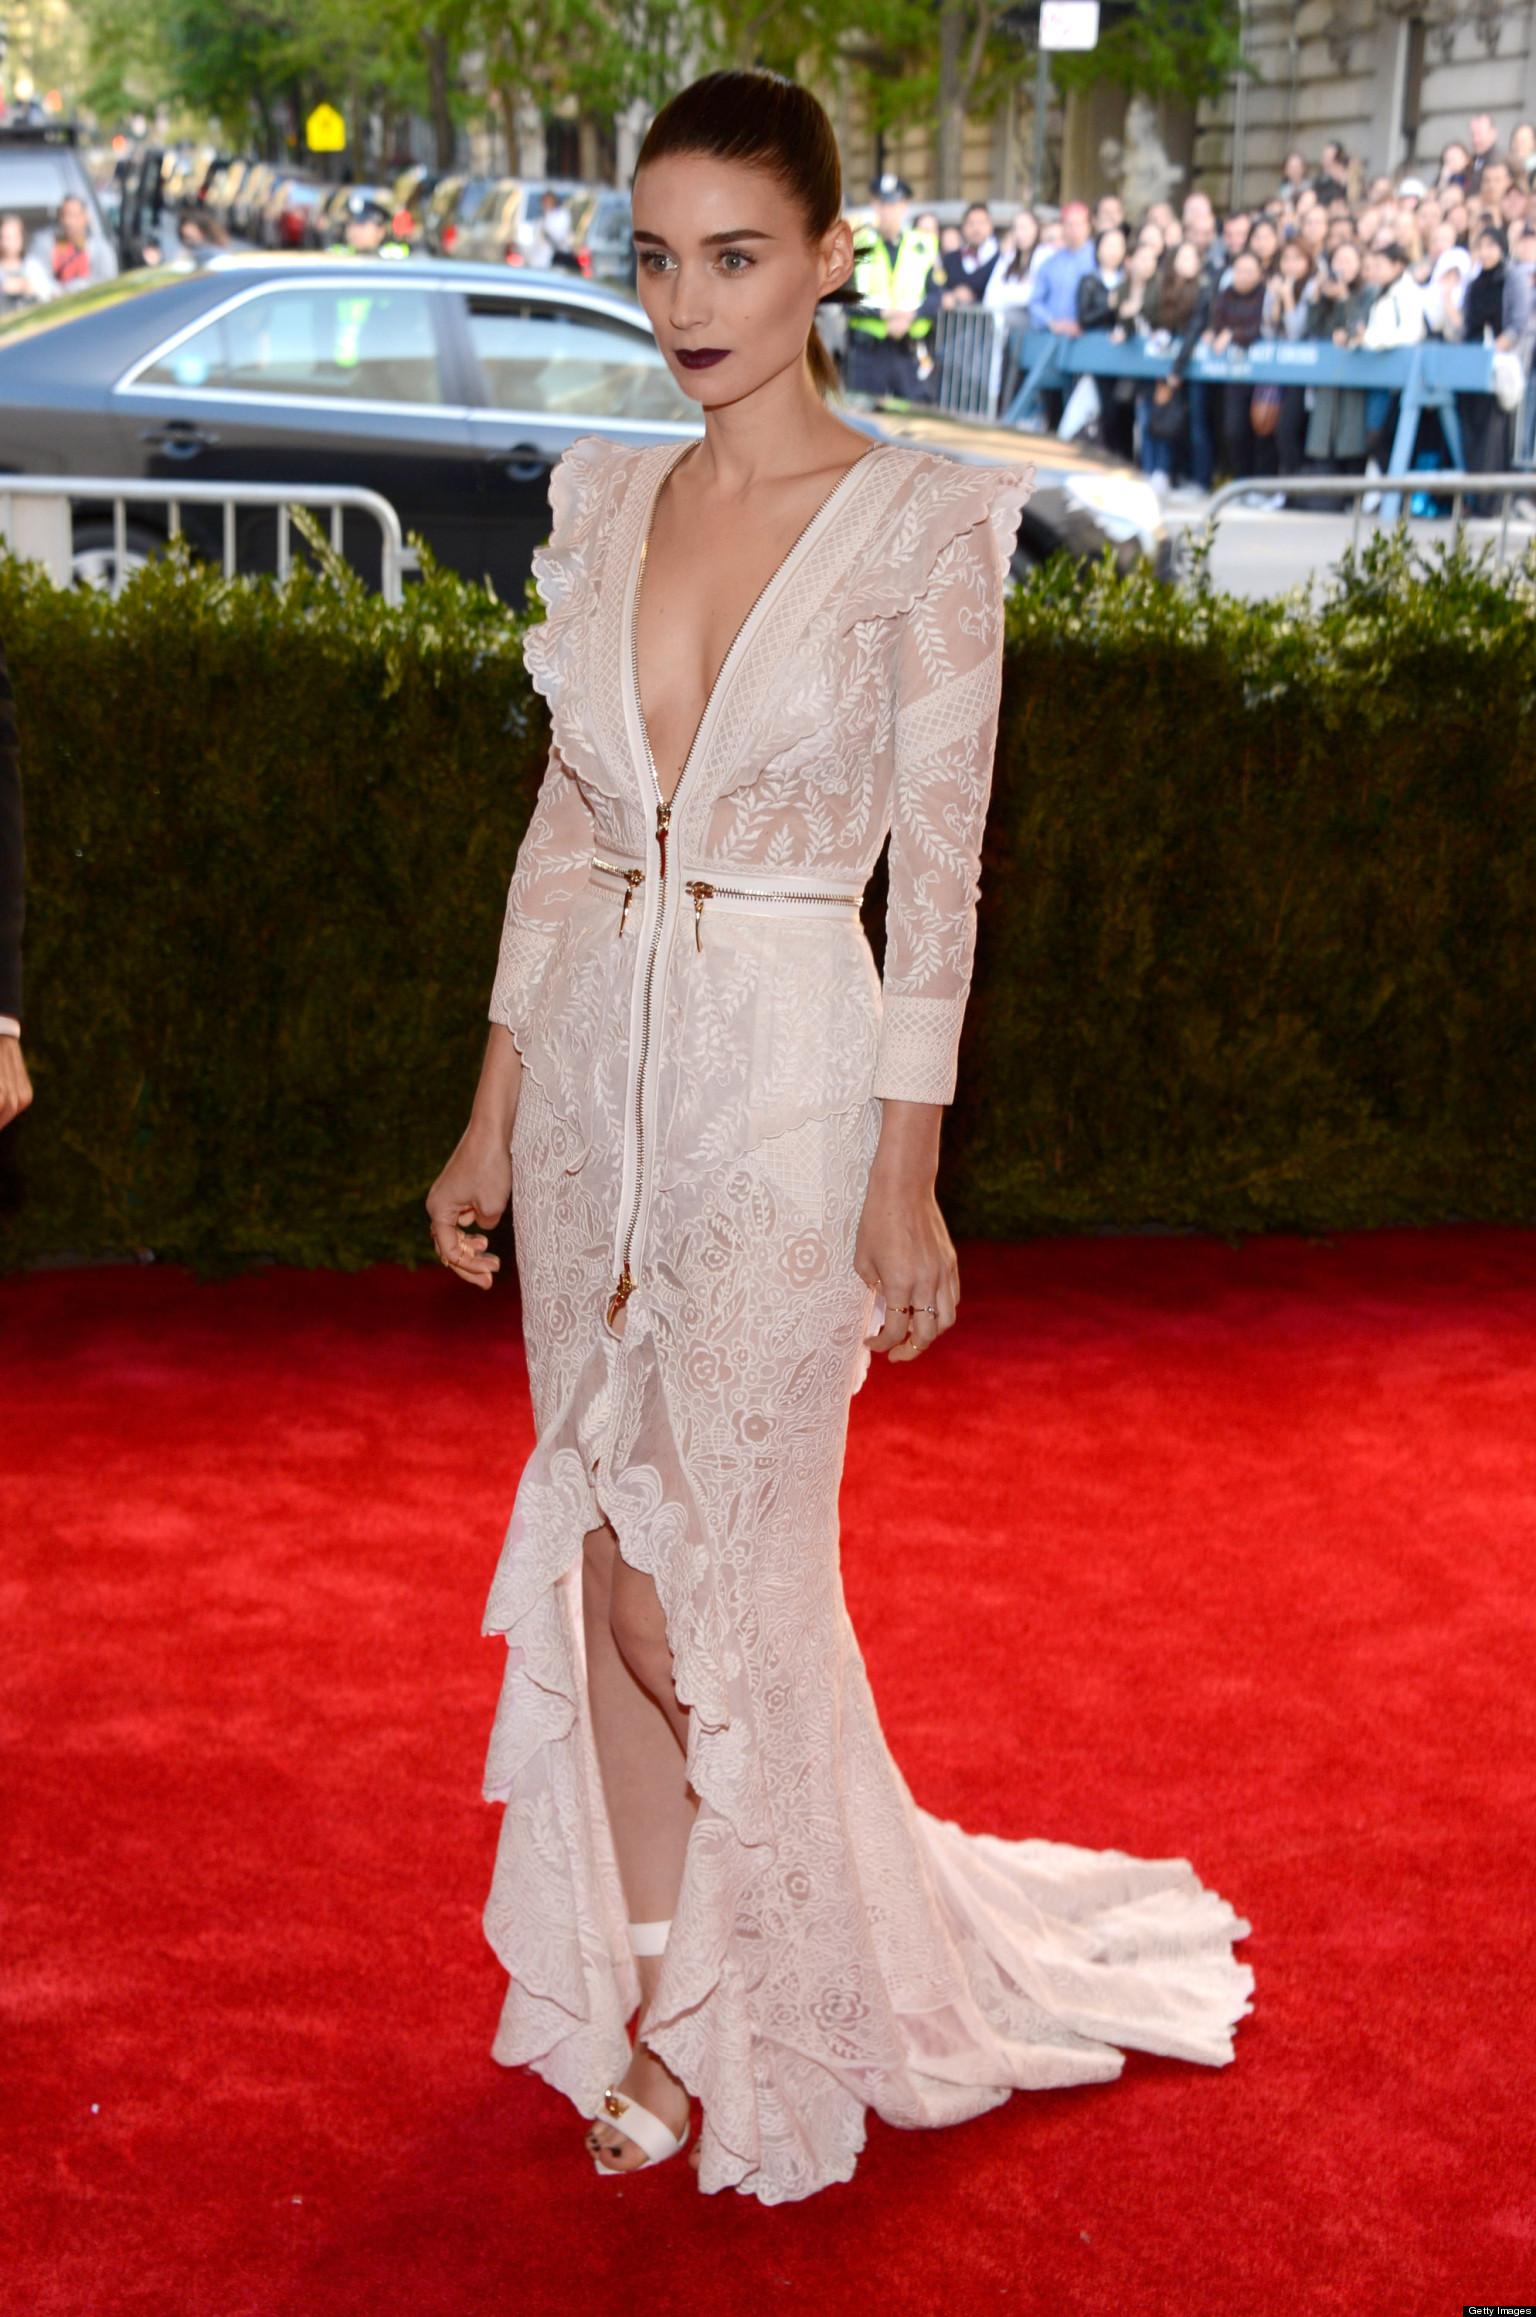 Rooney Mara Met Gala 2013: Star Looks White-Hot In Low-Cut